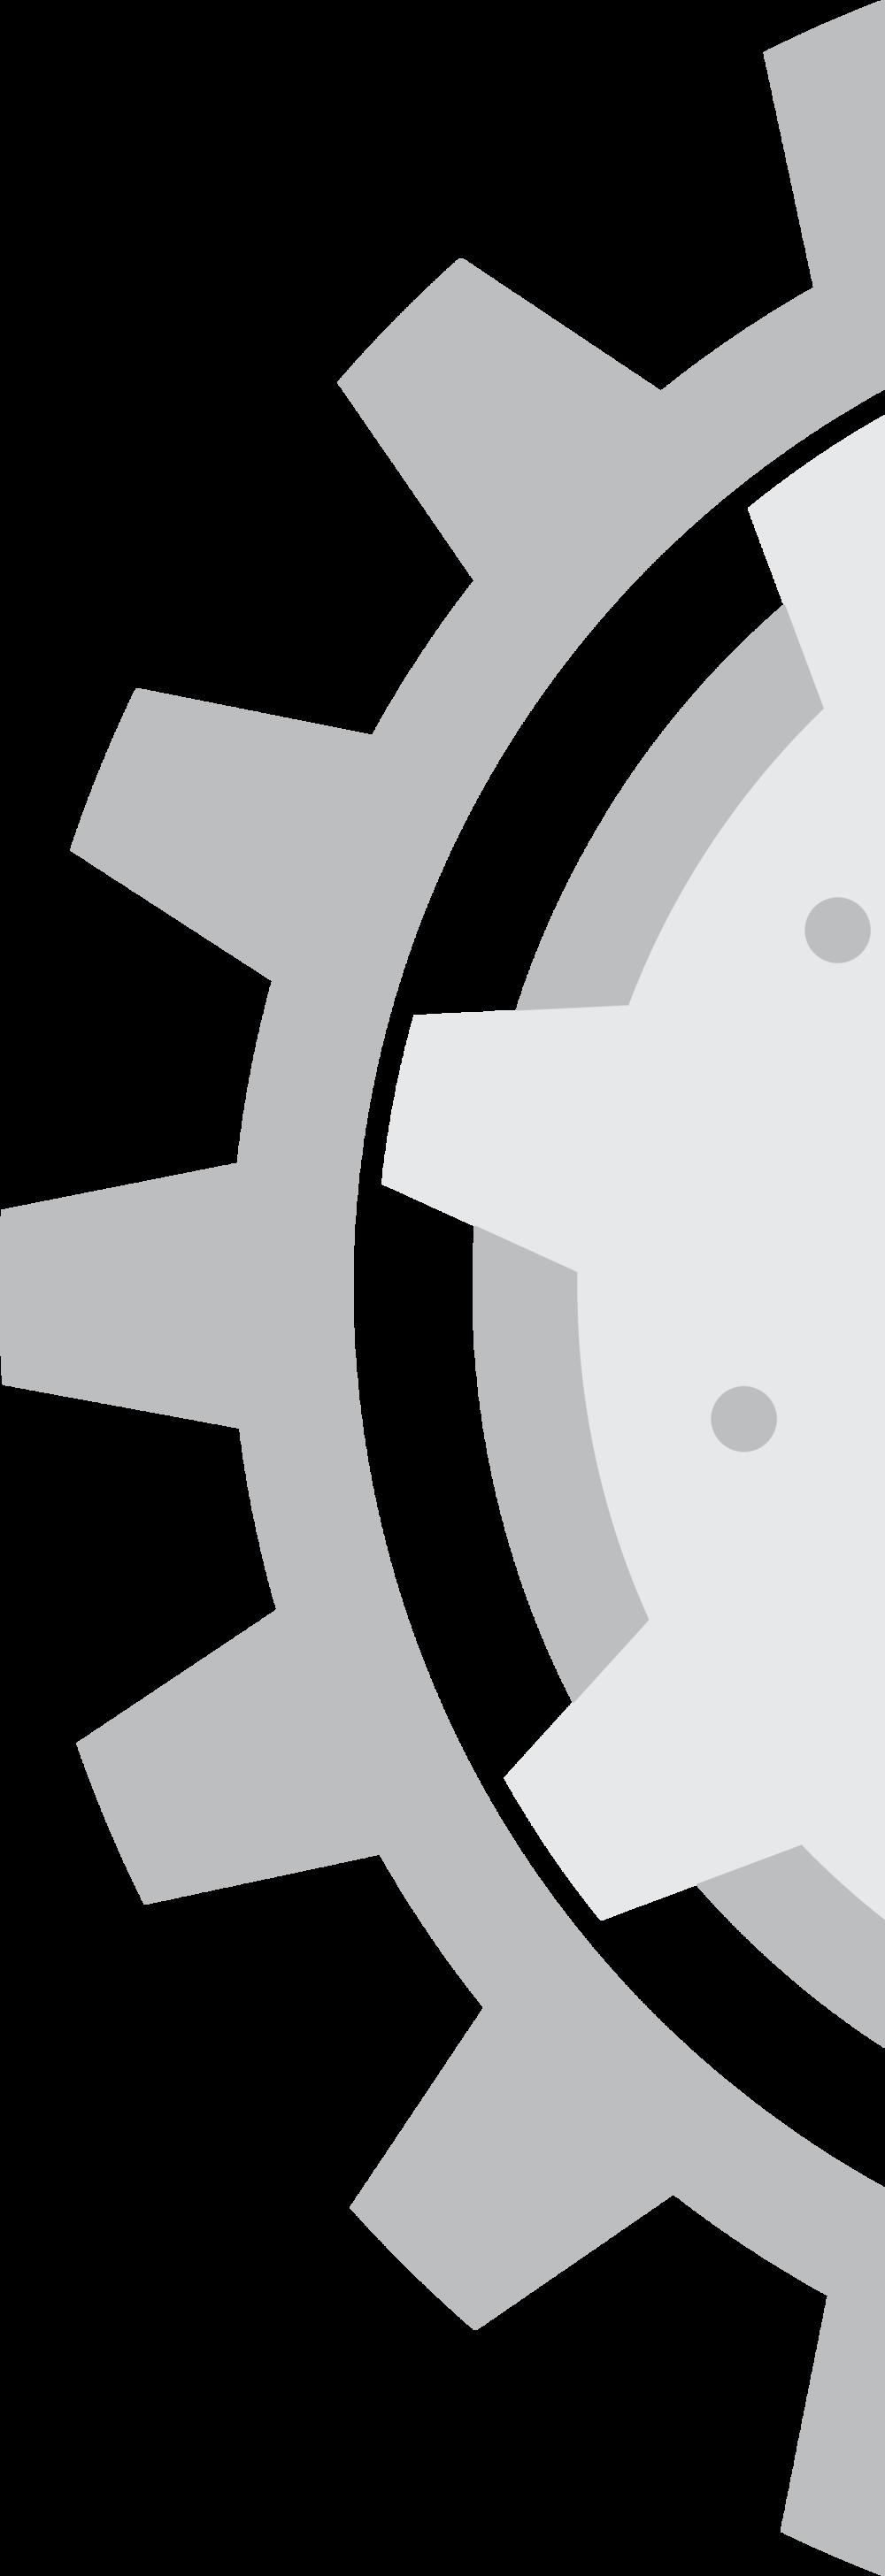 side gear_1.png